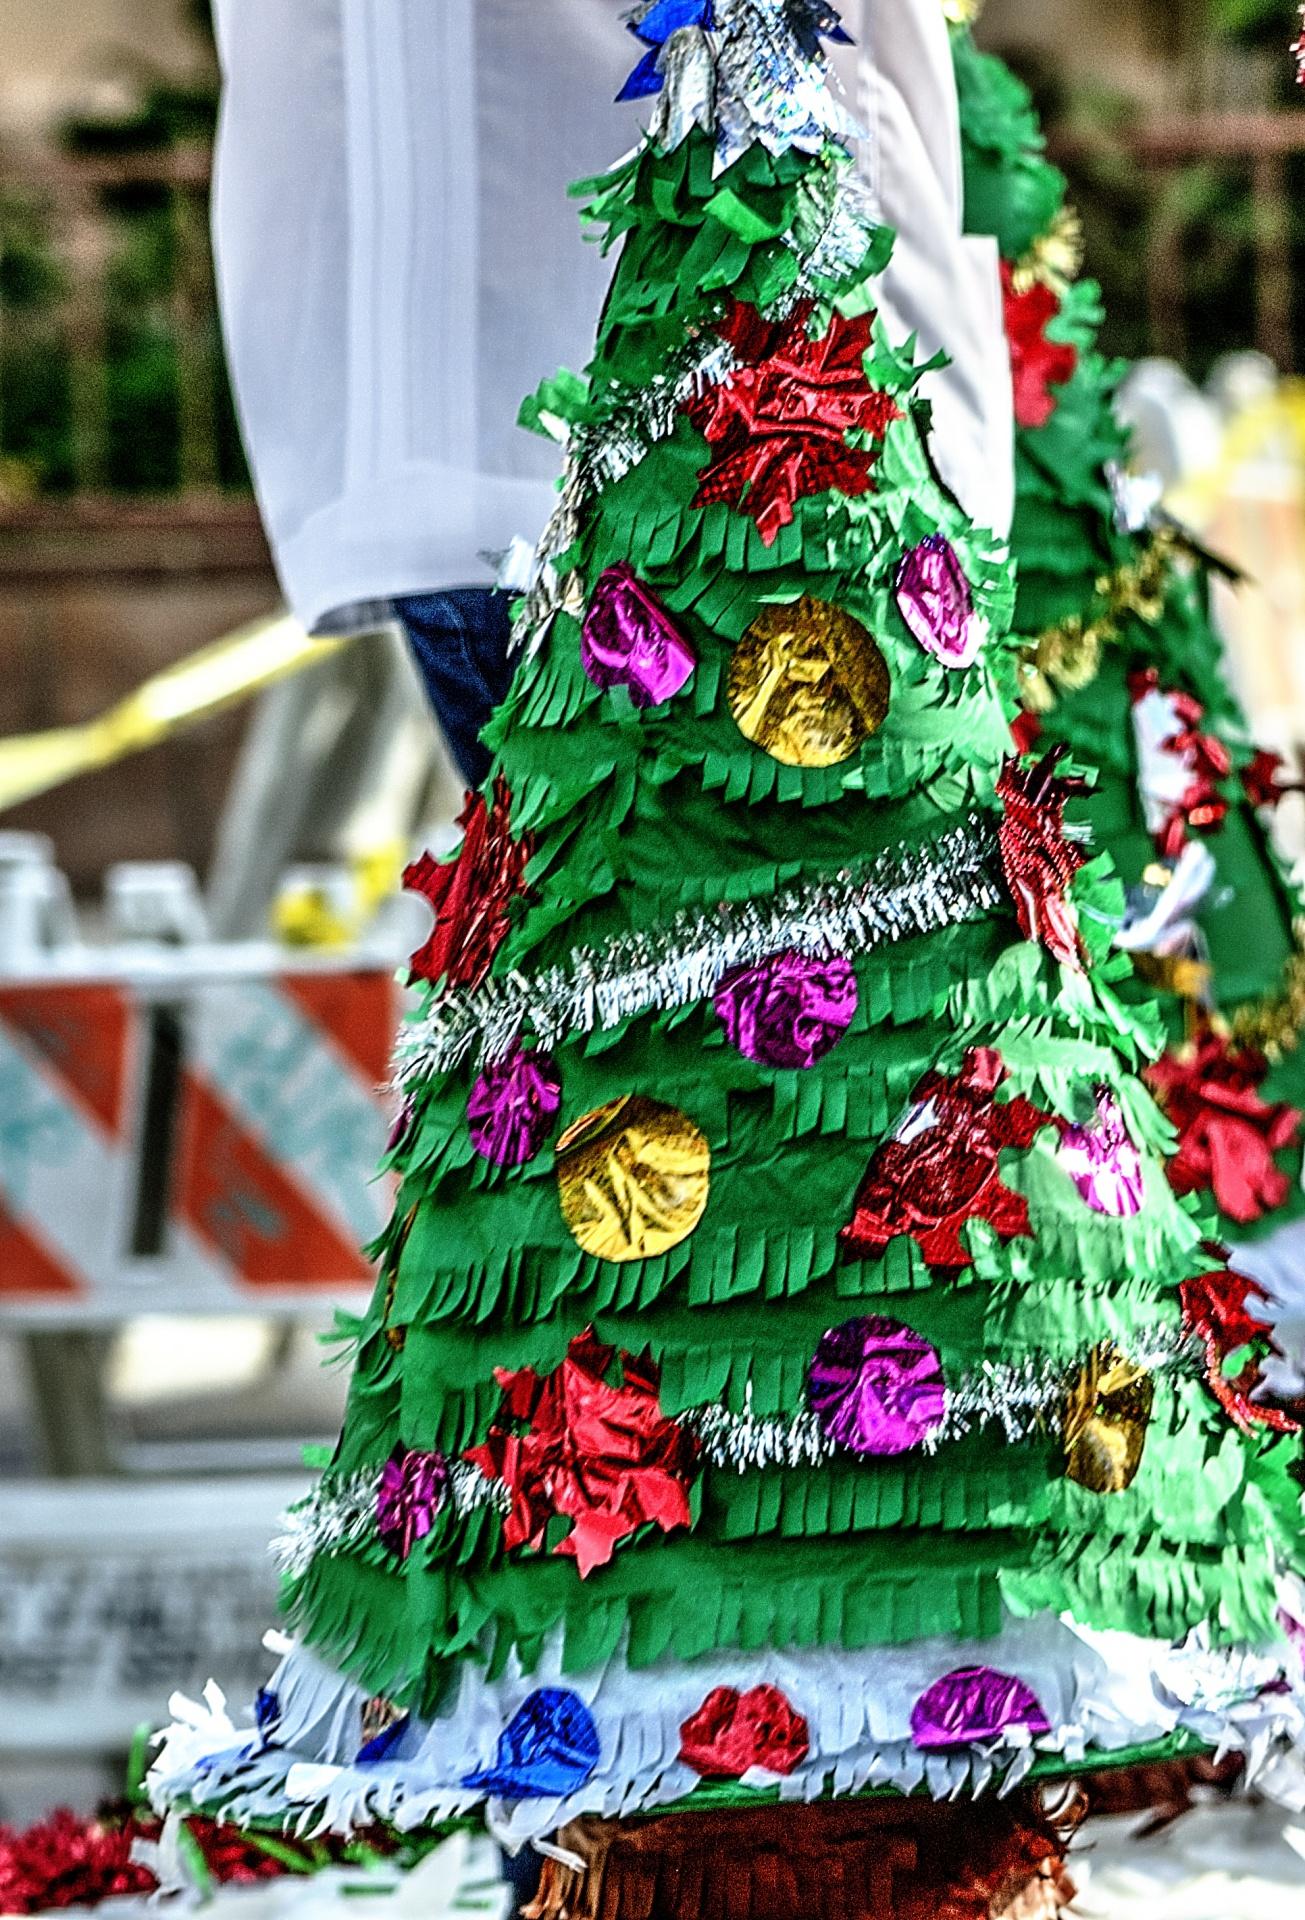 Christmas Pinata.Pinata Kalėdos Meksika Lotynų Vakarėlis Nemokamos